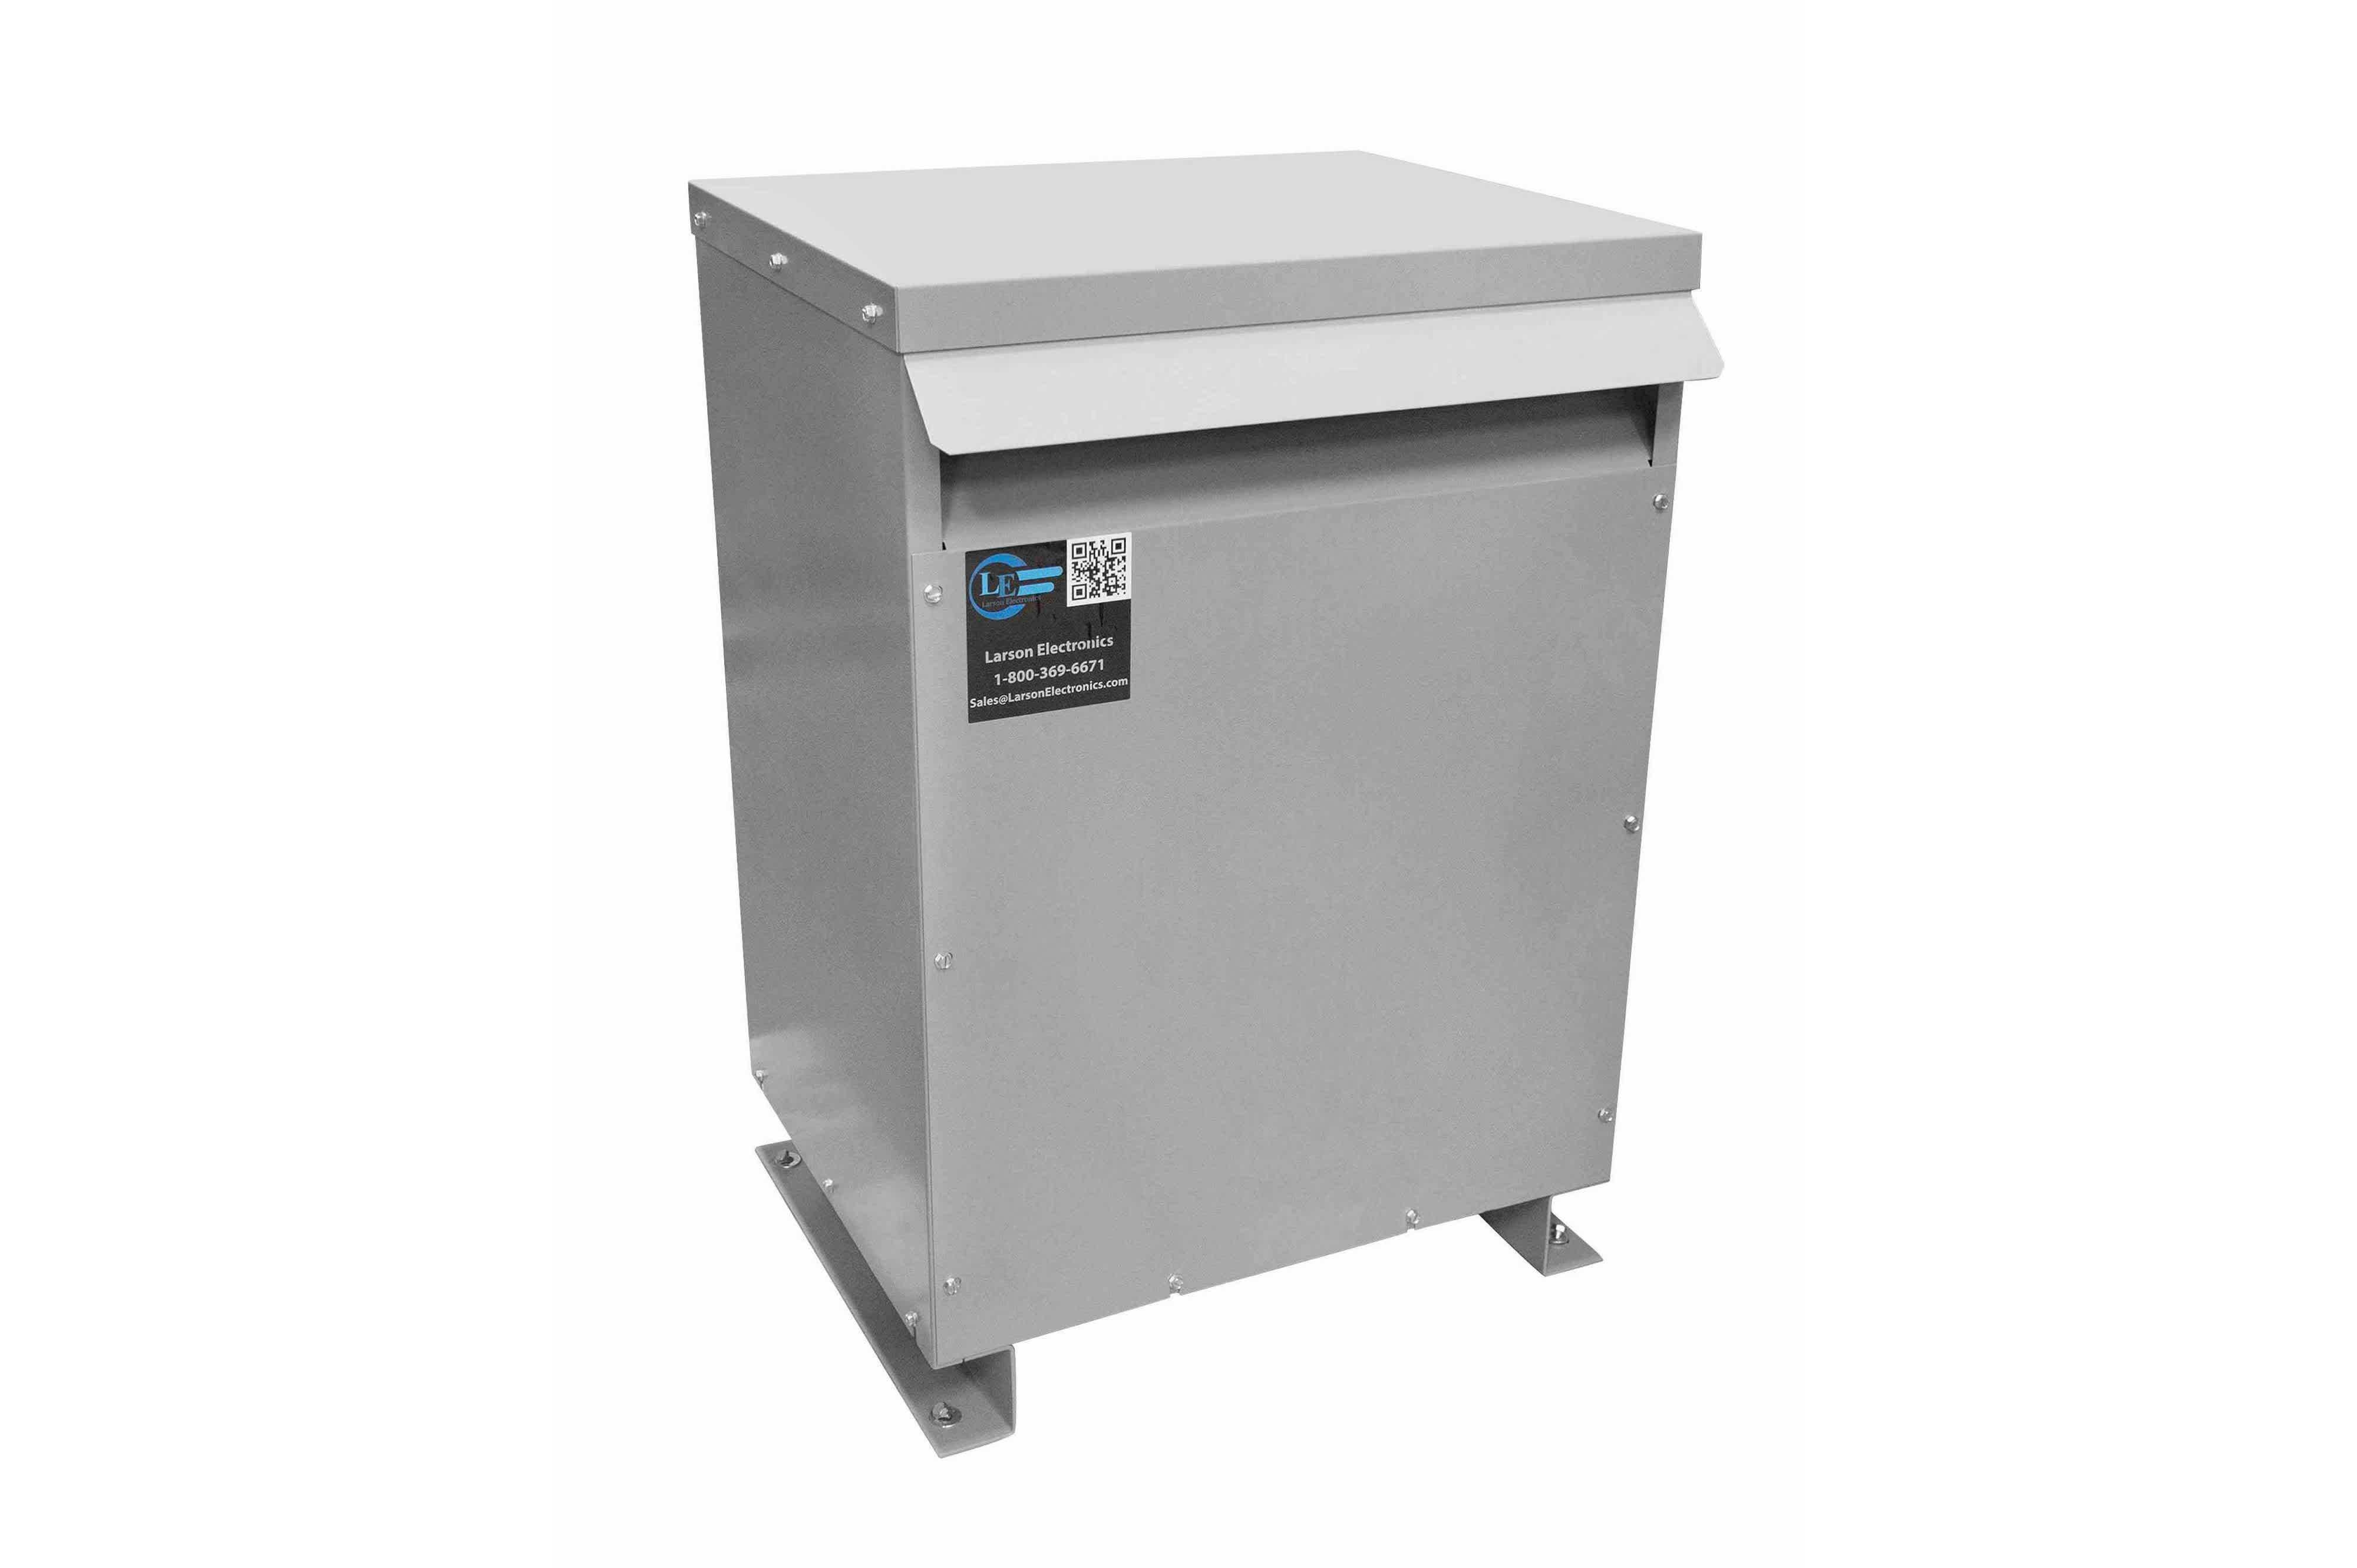 40 kVA 3PH Isolation Transformer, 480V Delta Primary, 575V Delta Secondary, N3R, Ventilated, 60 Hz